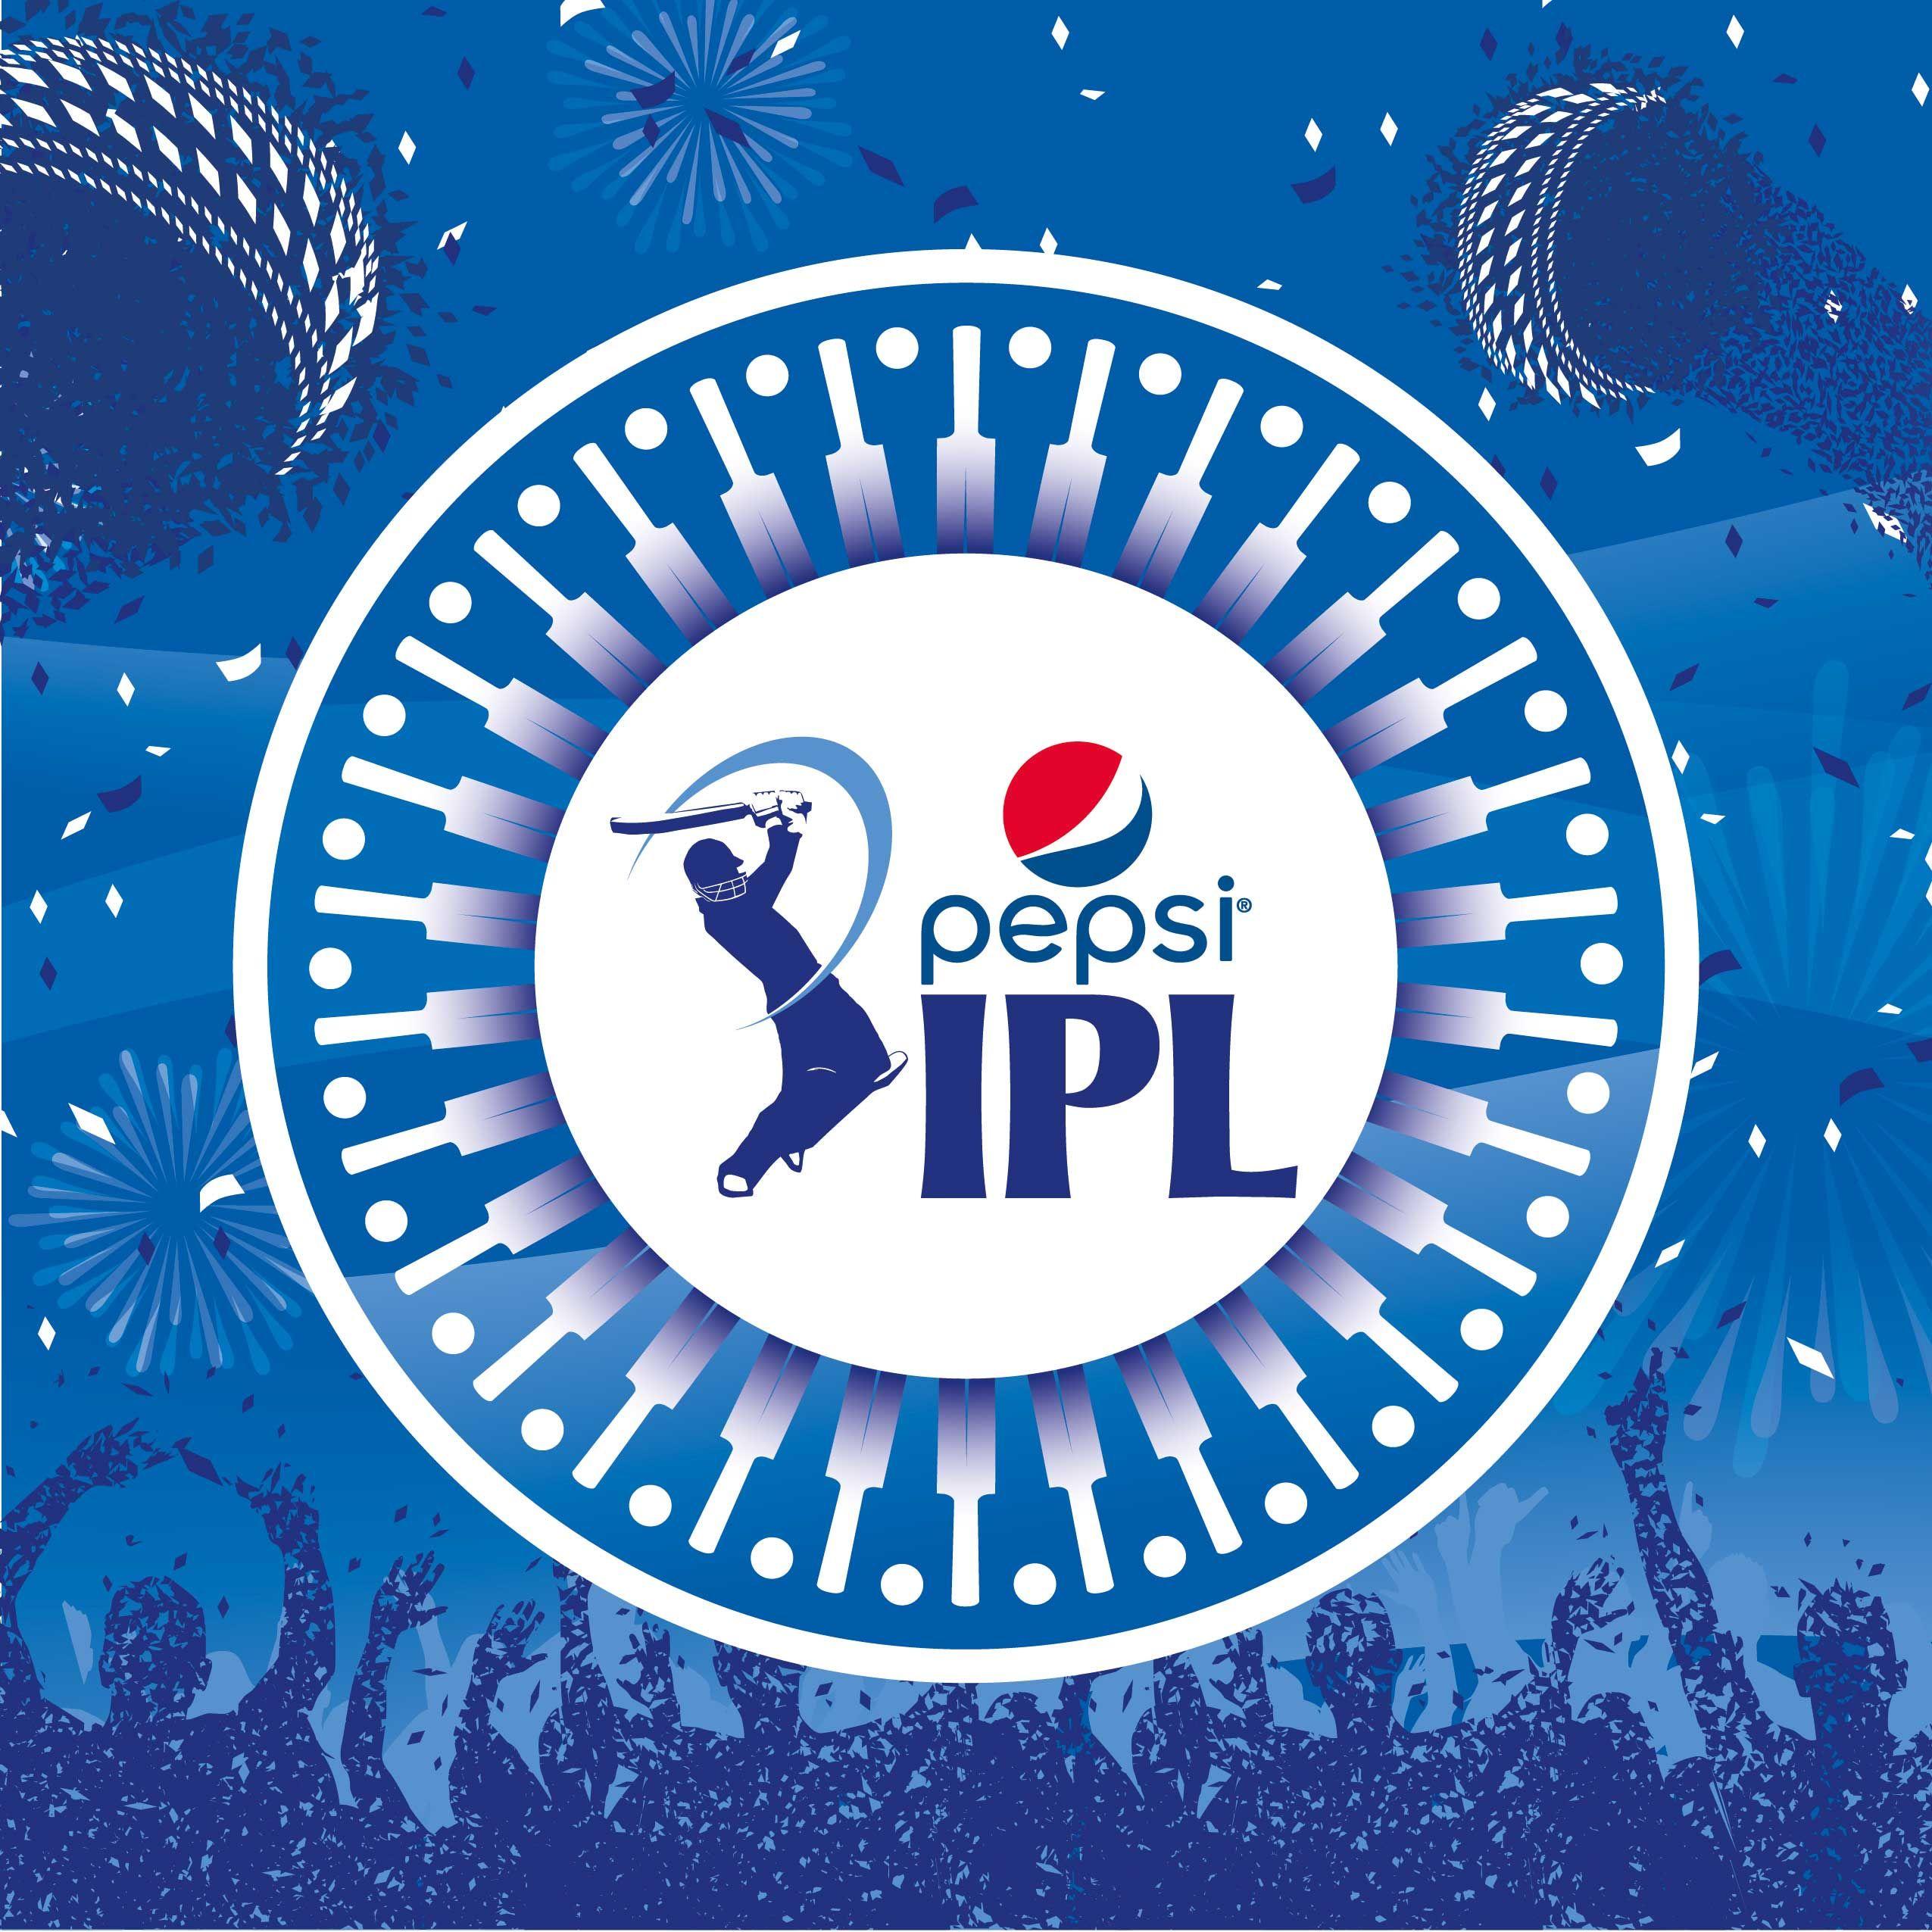 PEPSI IPL Cricket UAE Pepsi, I pl, Ipl